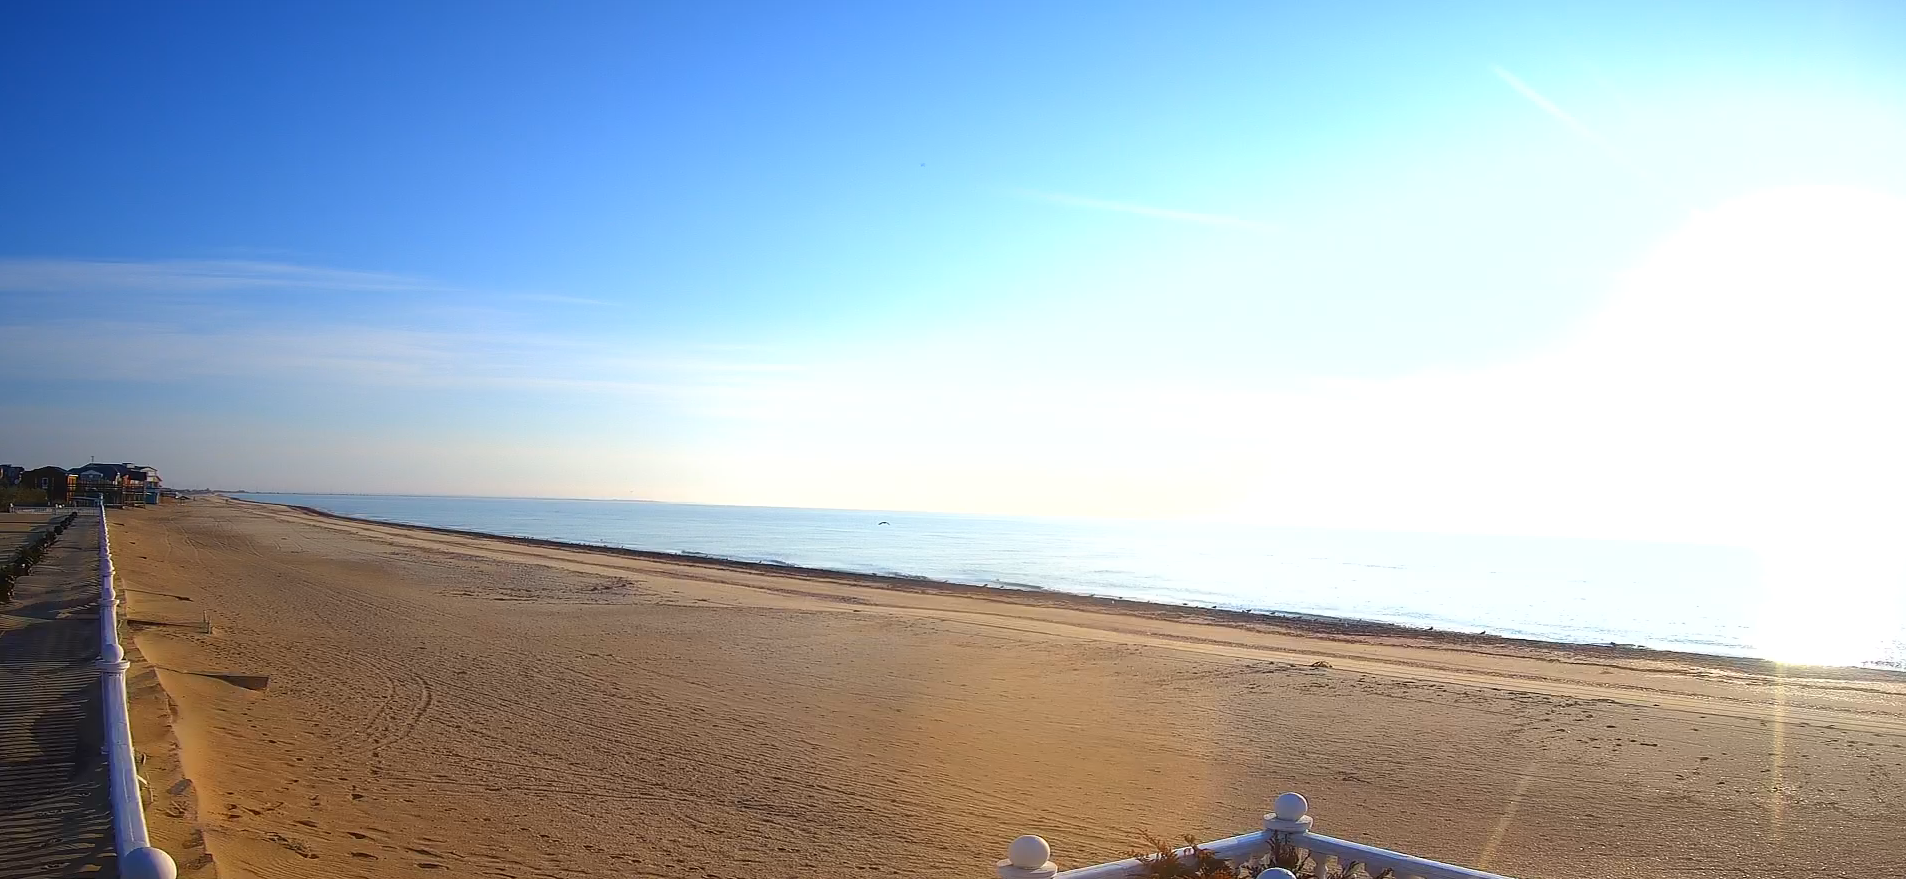 Словно Средиземное море: в сети опубликовали фото изменившейся осенью Кирилловки (ФОТО)